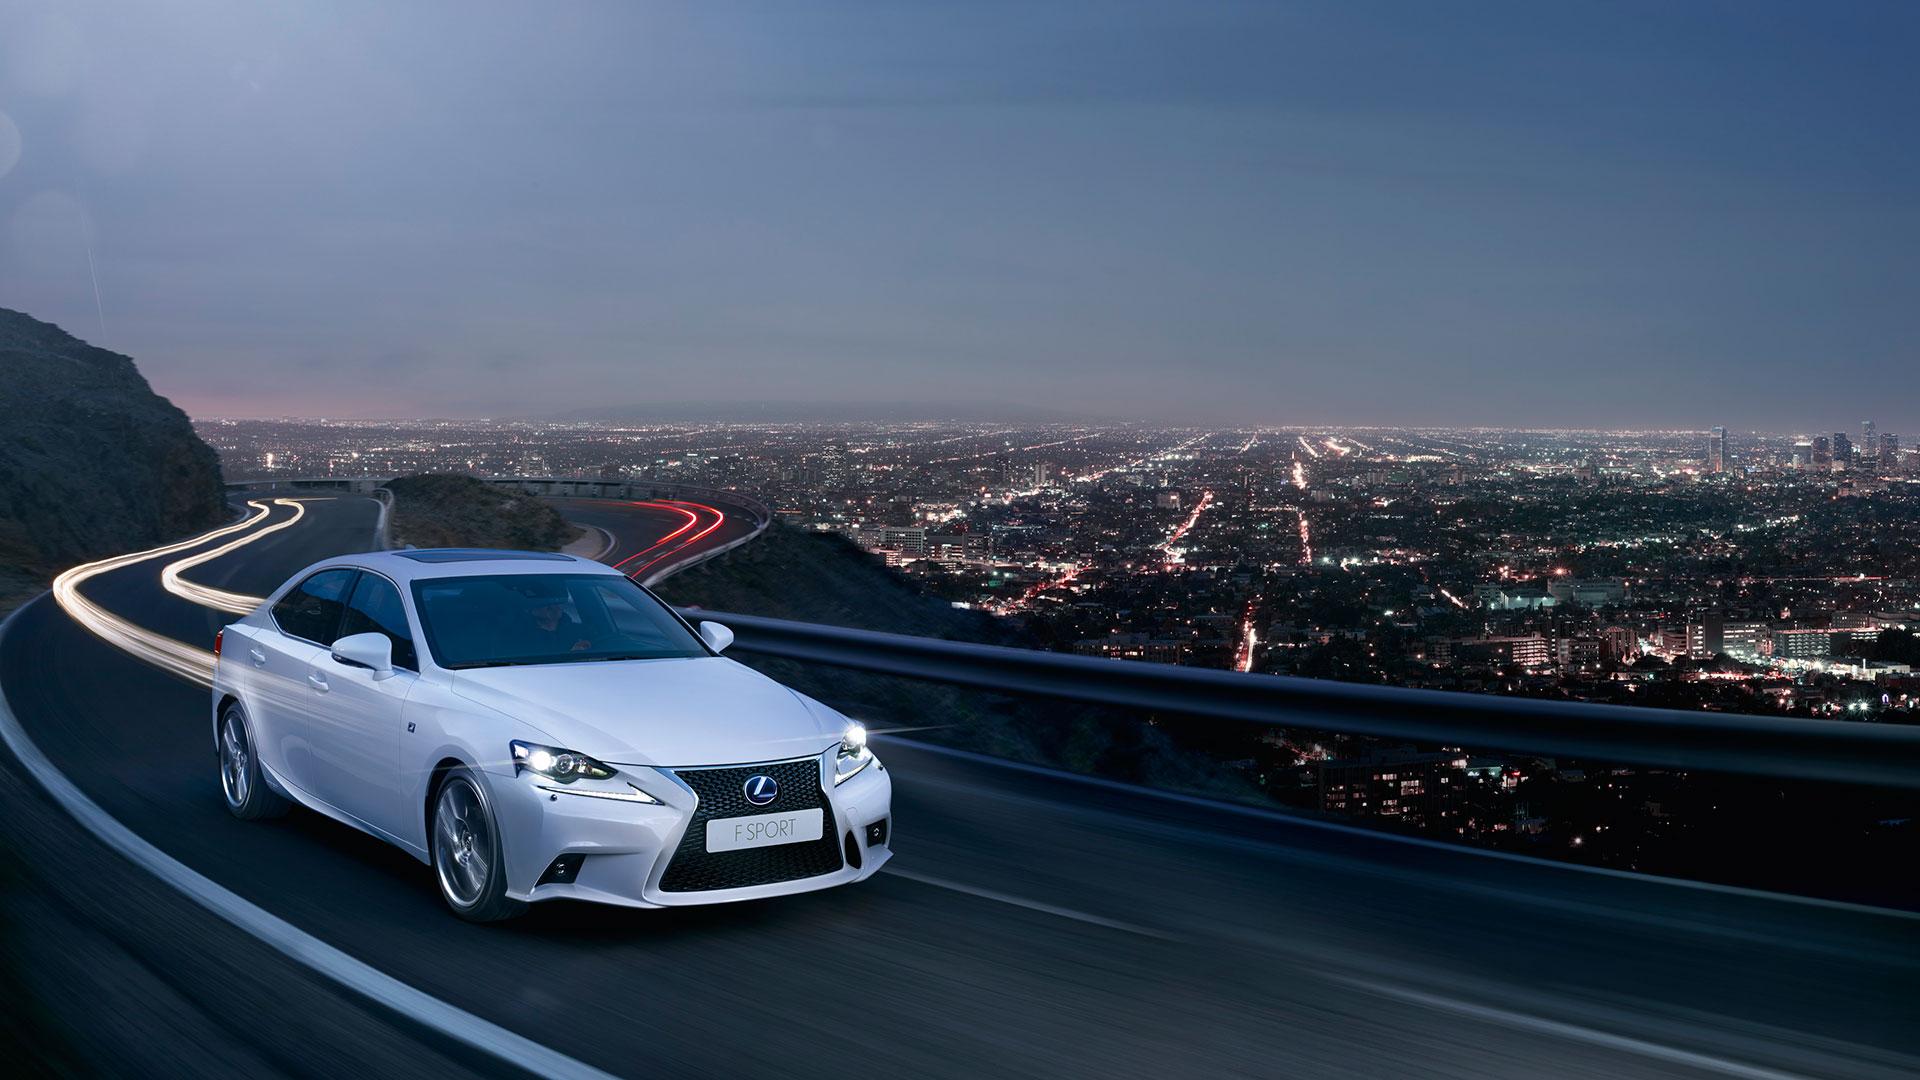 Lexus IS hero asset